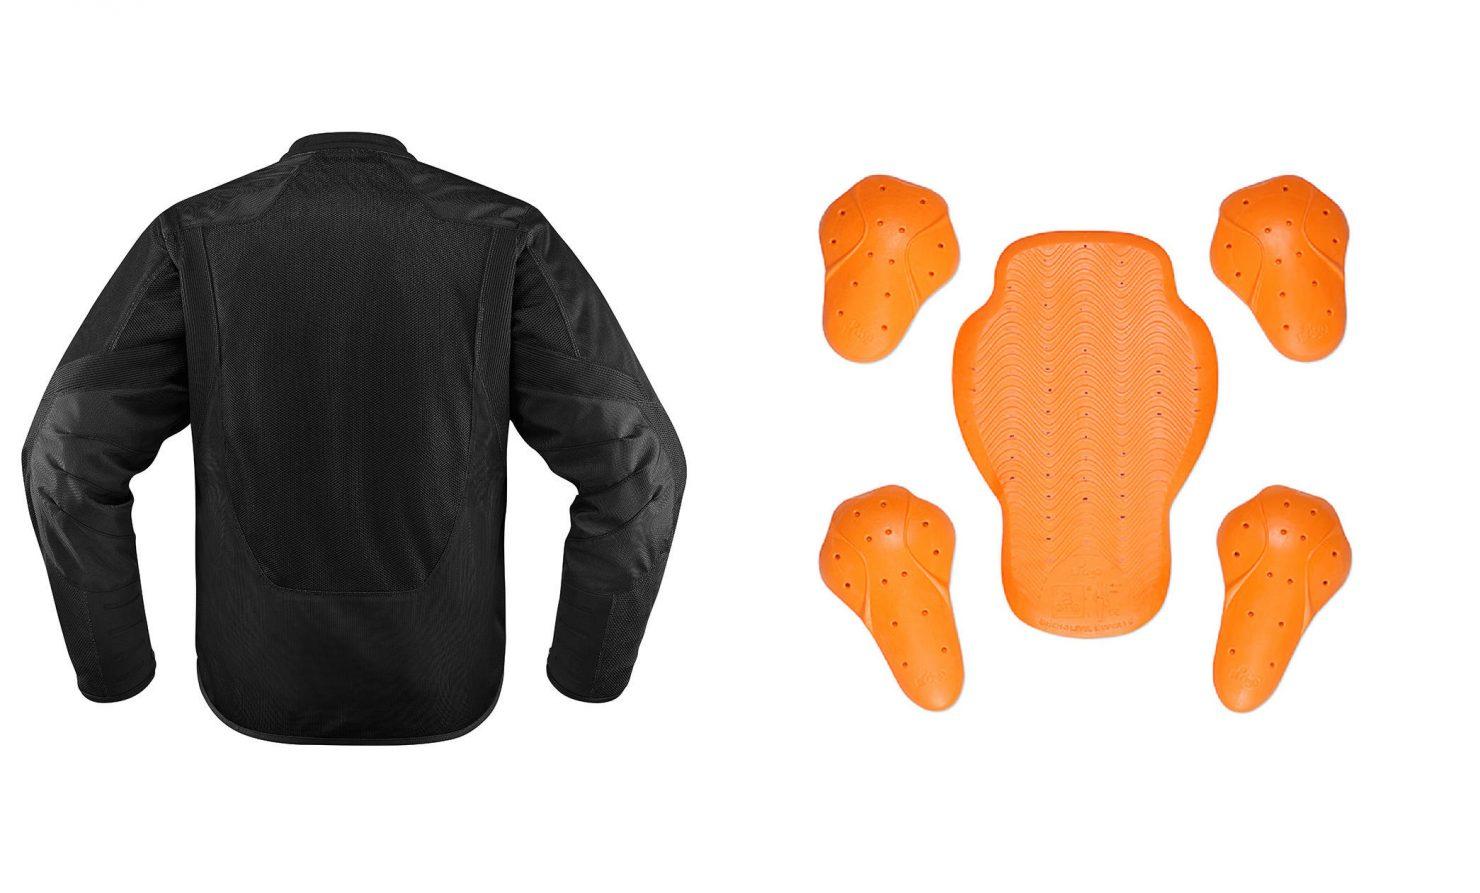 Icon Anthem 2 Summer Motorcycle Jacket 1 1480x893 - Icon Anthem 2 Summer Motorcycle Jacket